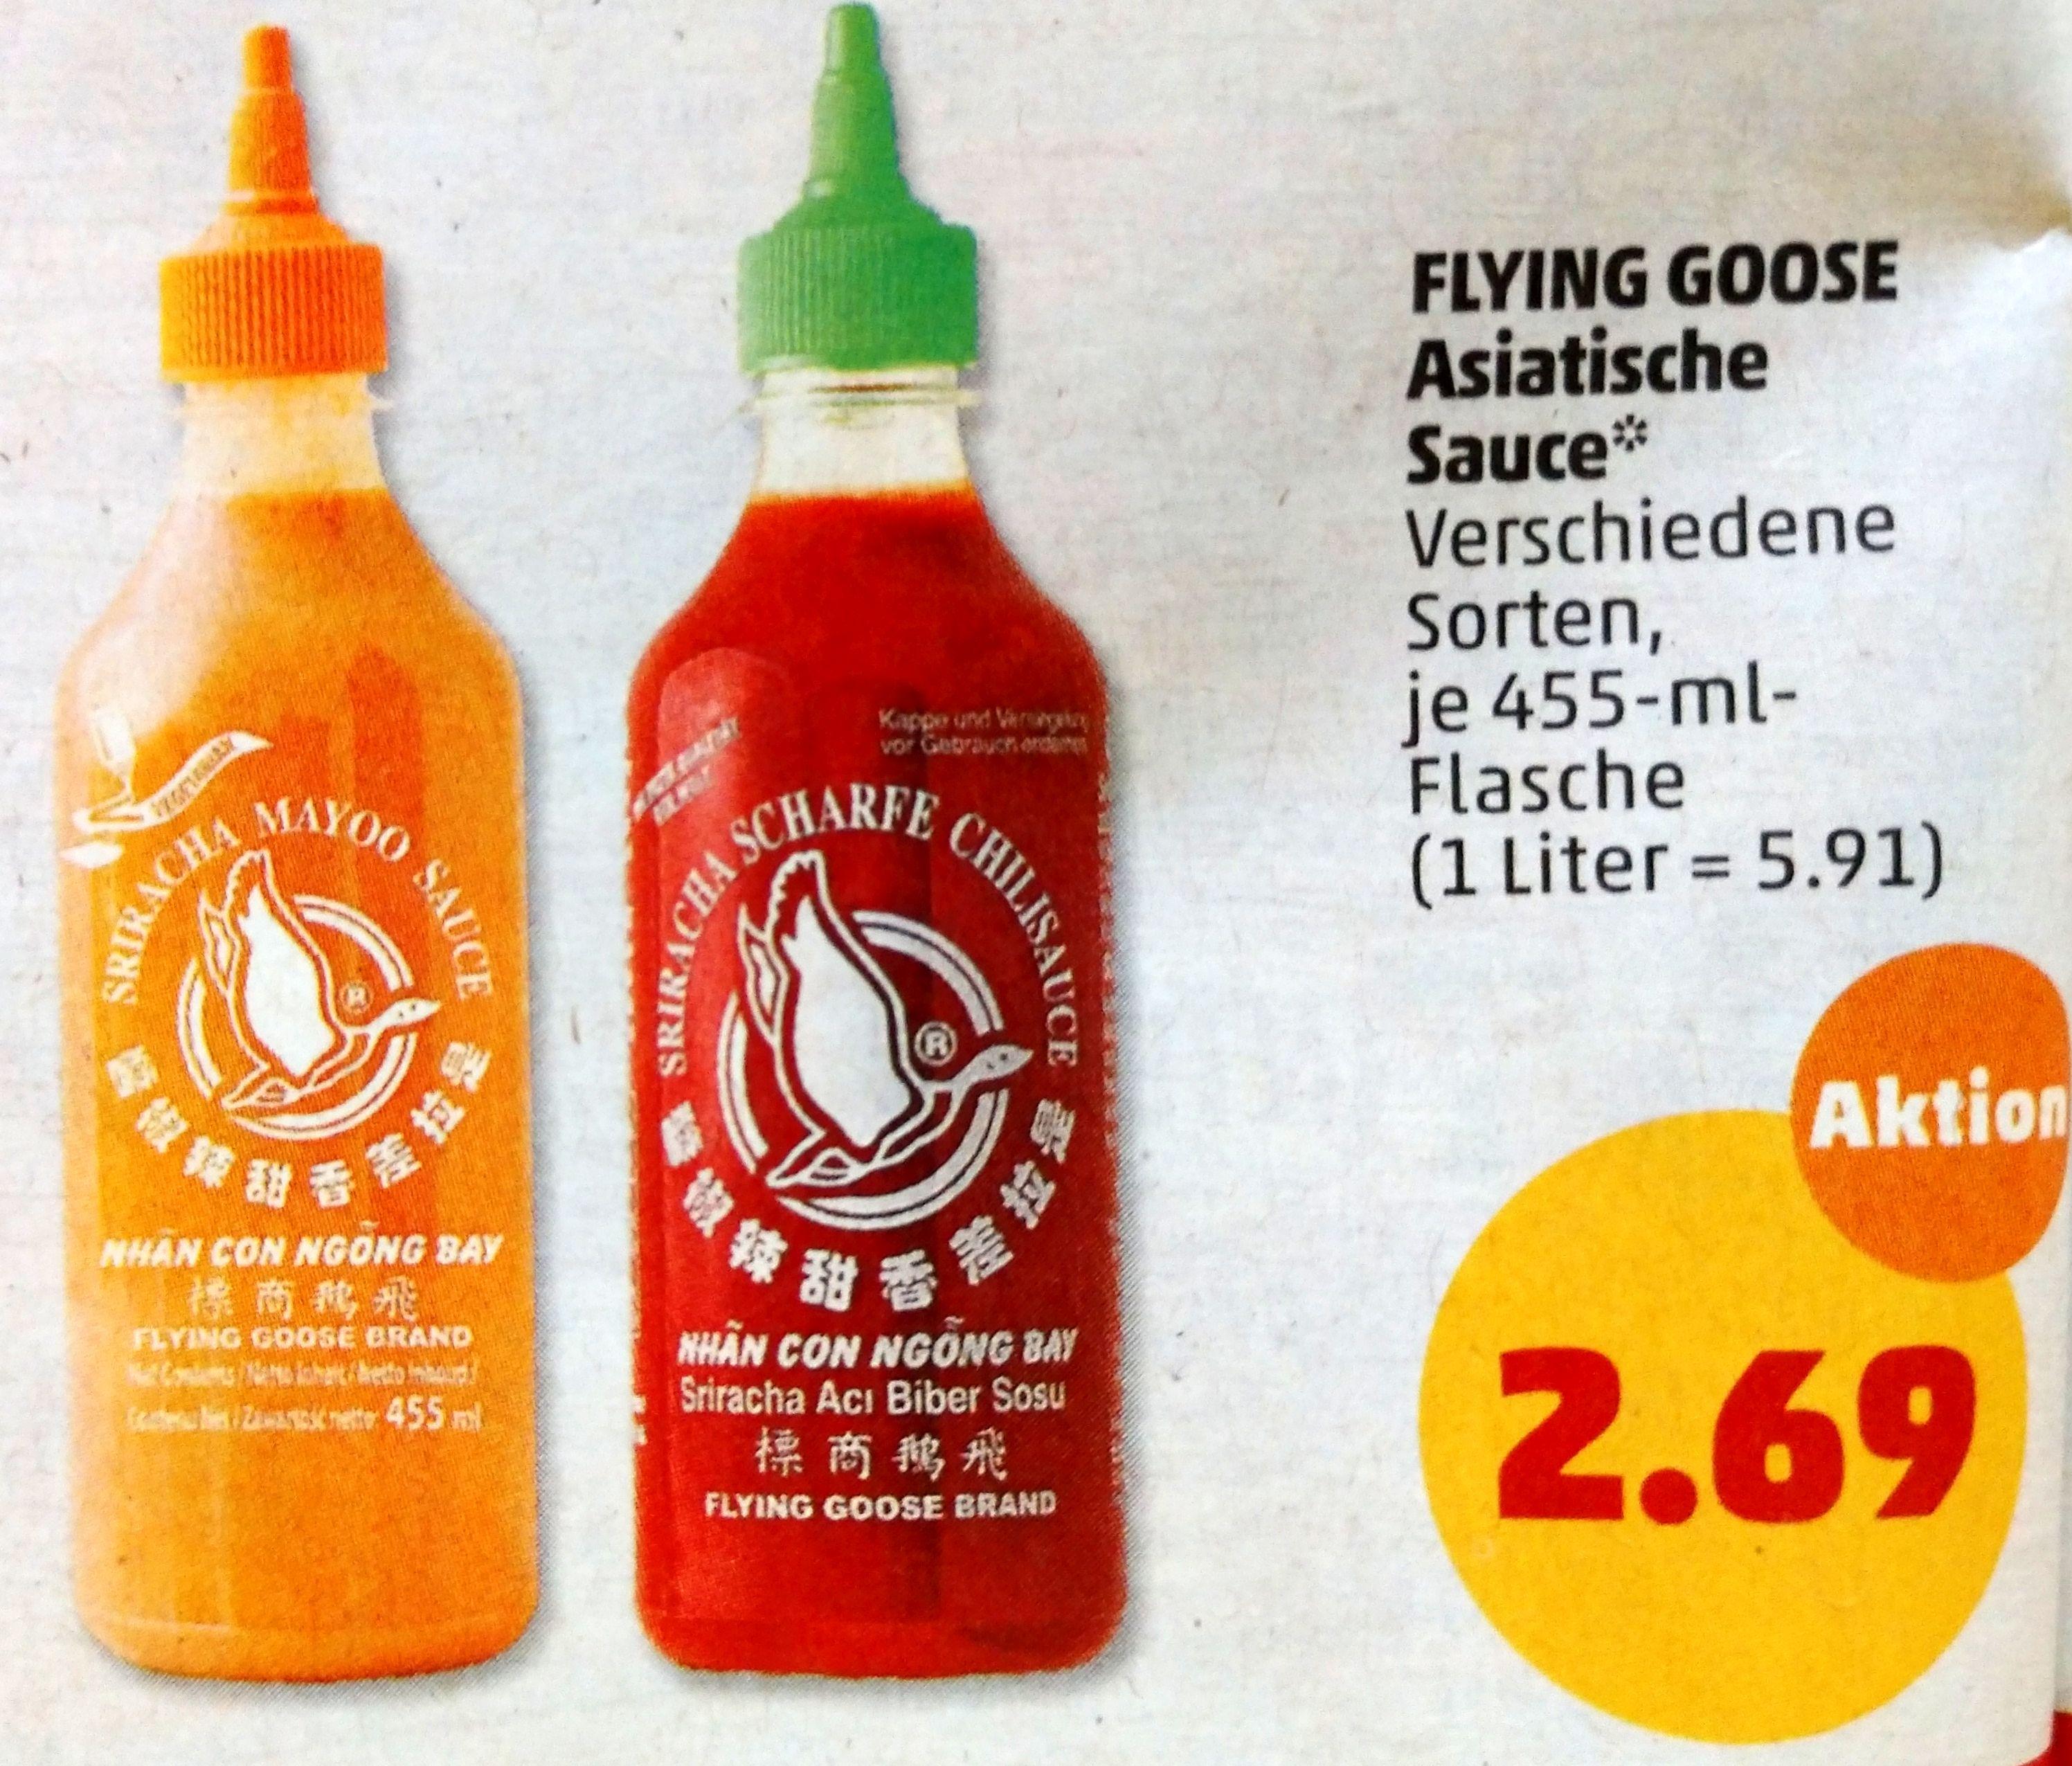 Flying Goose Asiatische Sauce (Sriracha in verschiedenen Sorten, je 455ml) [Penny ab dem 27.05.]